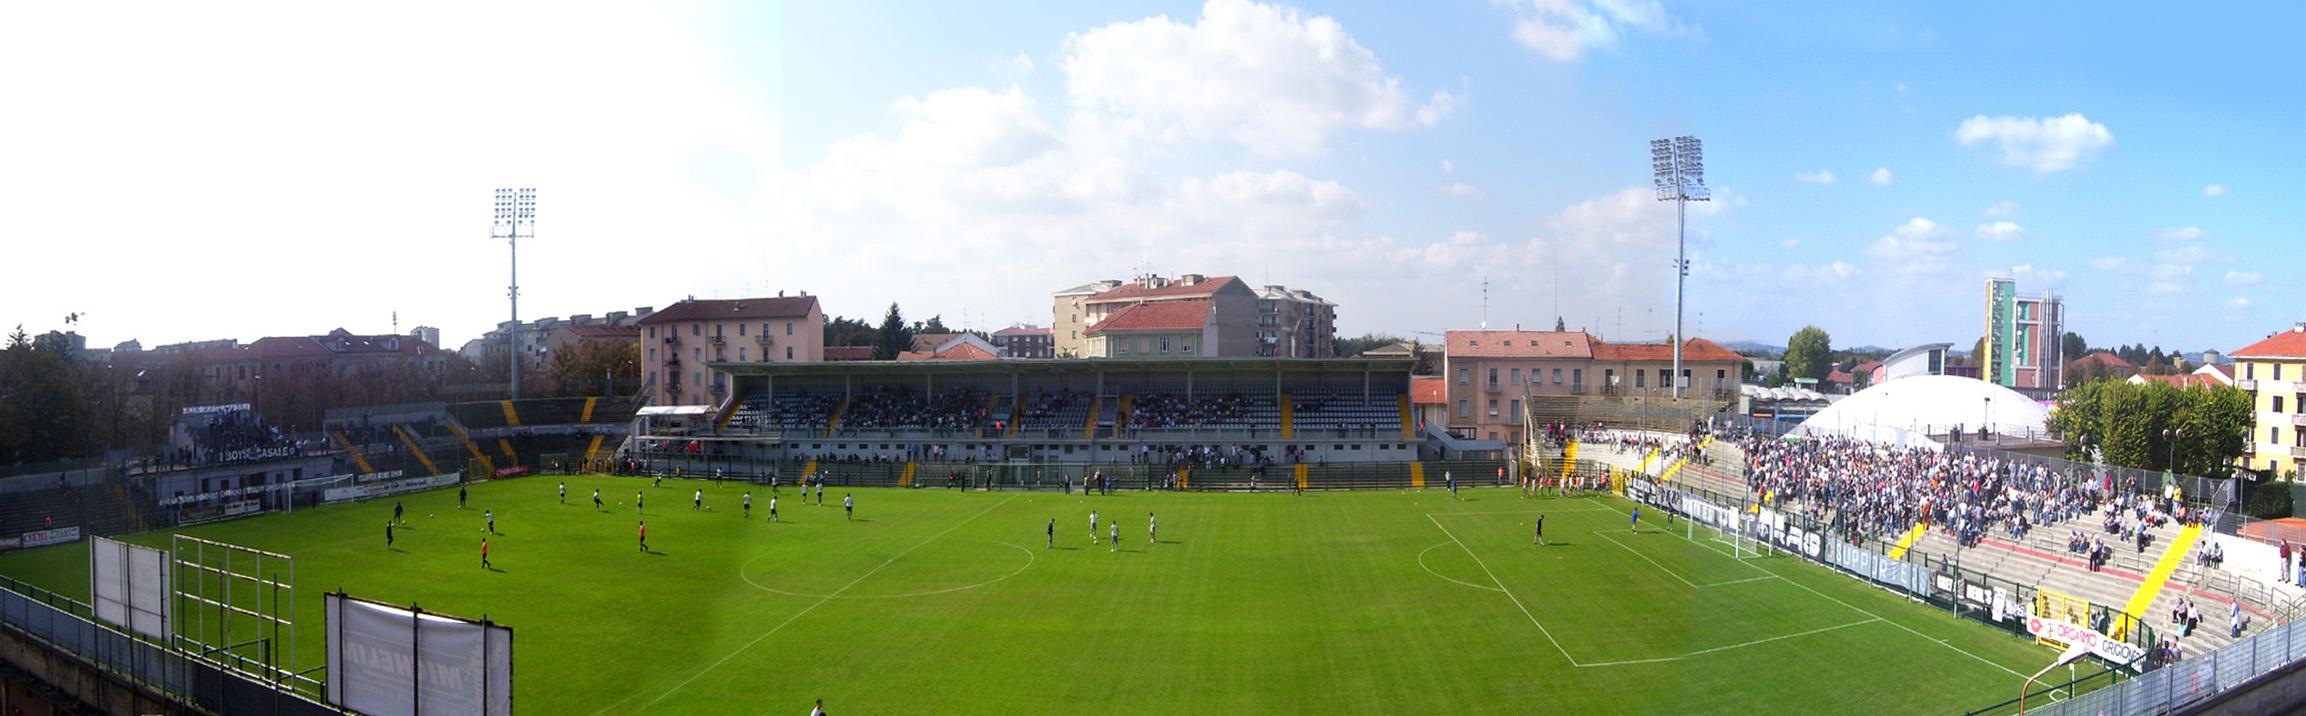 Stadio_G._Moccagatta_di_Alessandria_Vista